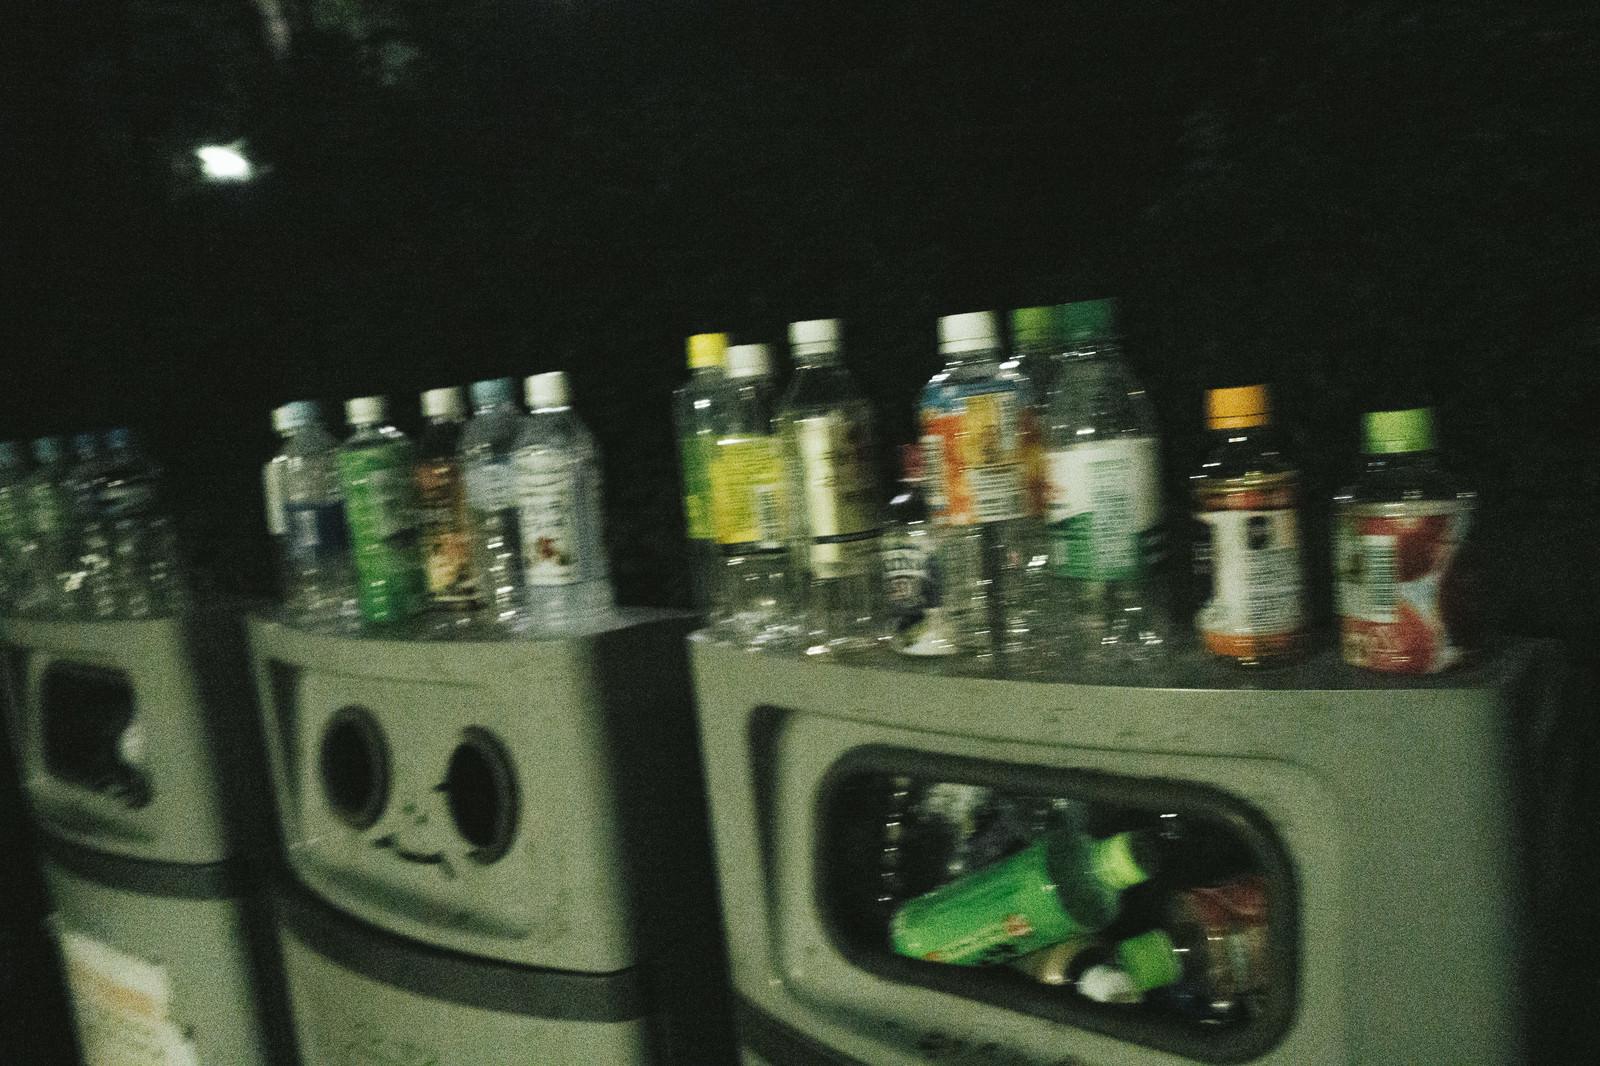 「ゴミ(ペットボトル)でいっぱいのゴミ箱」の写真